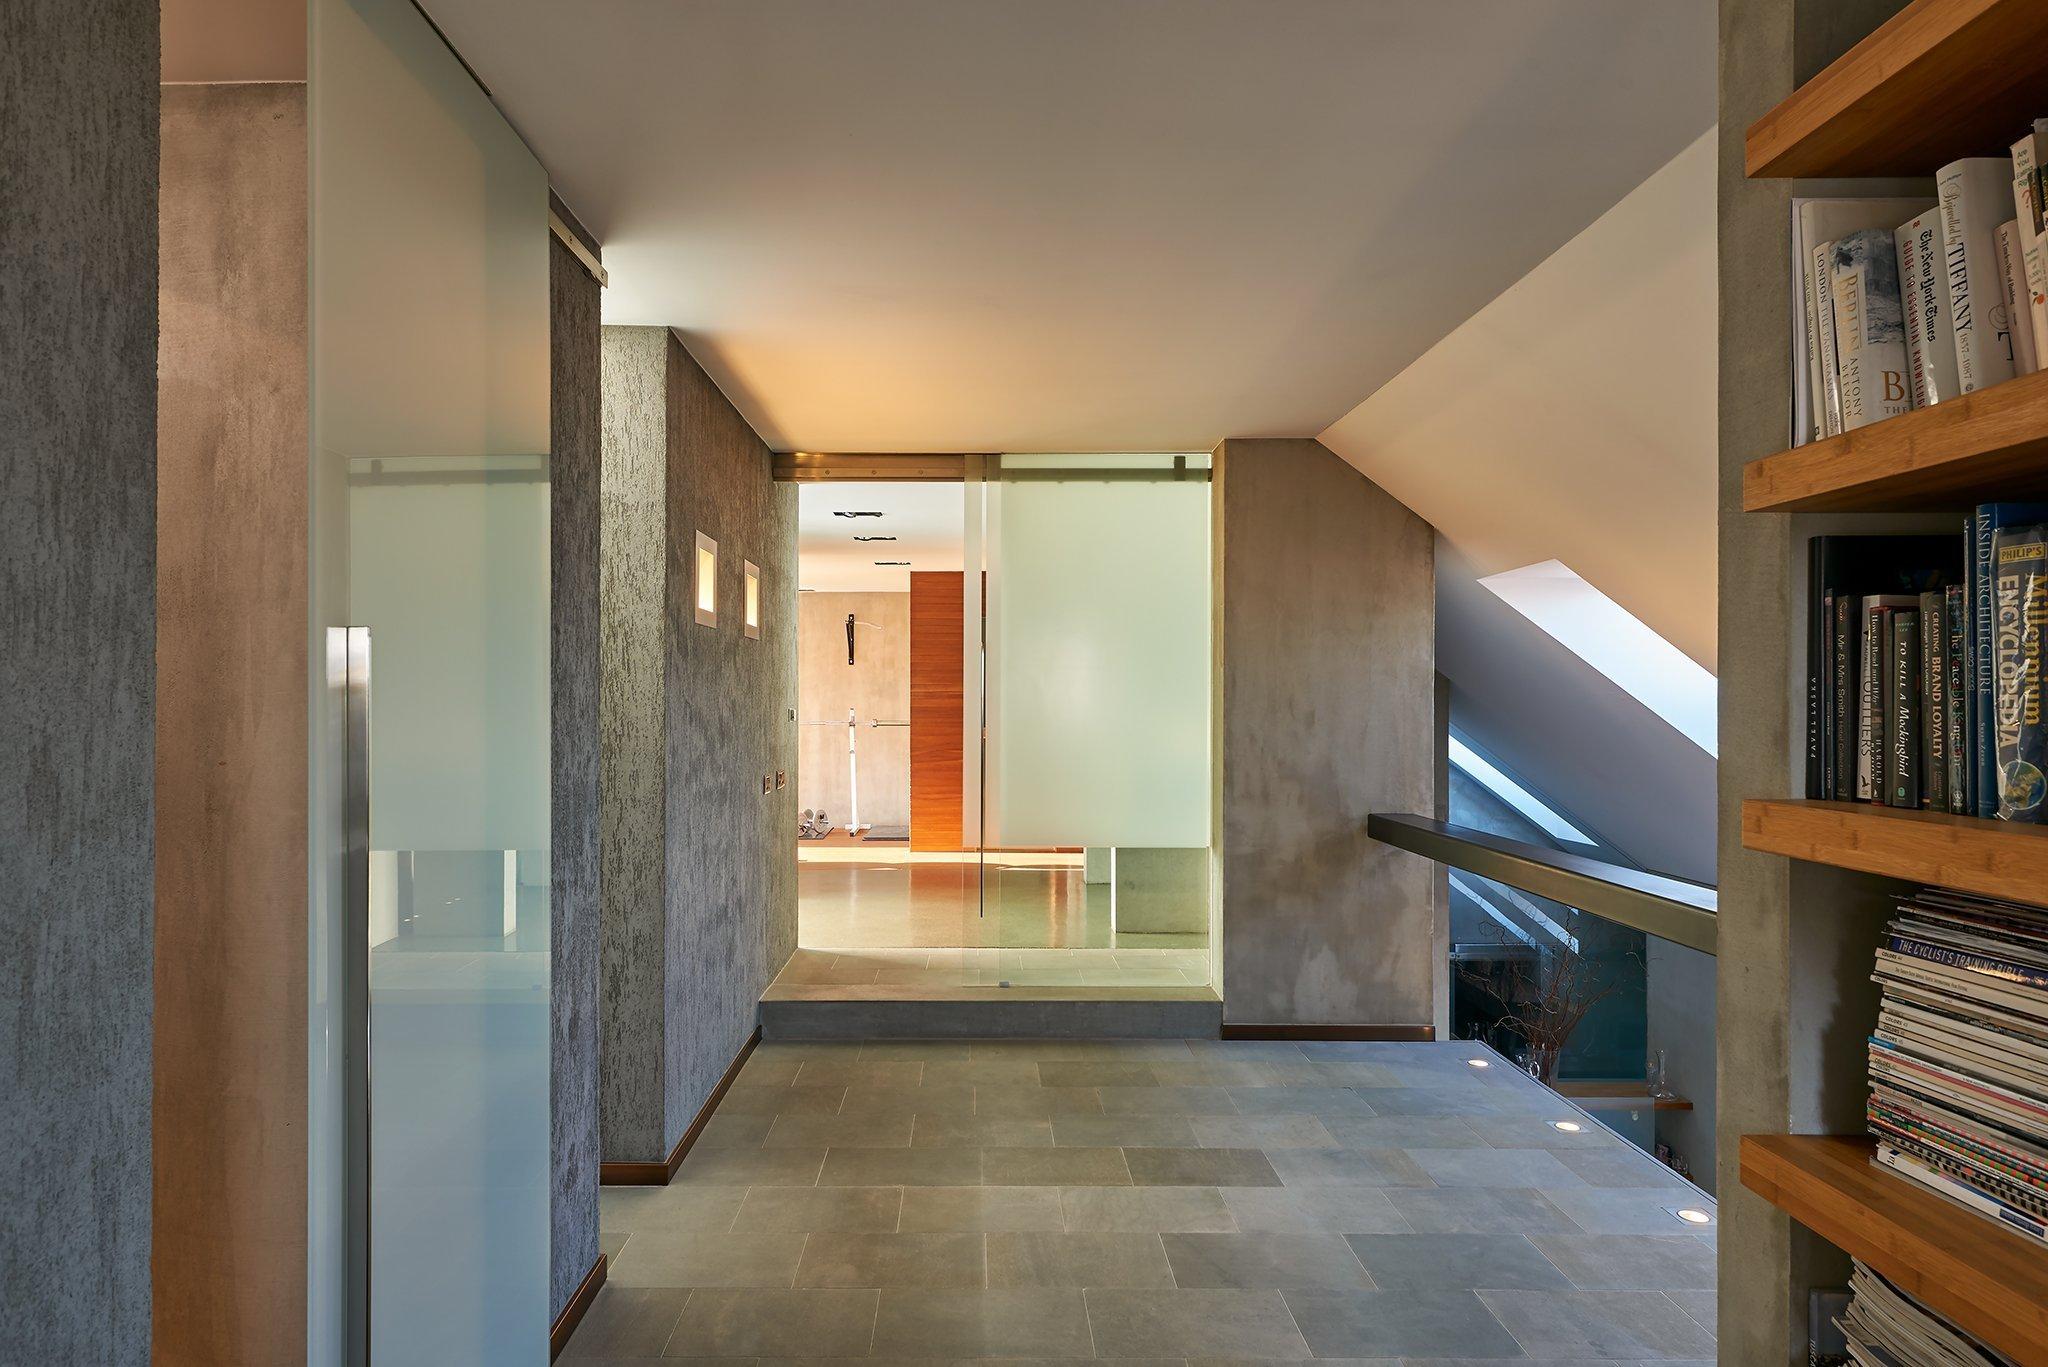 Velkorysý otevřený prostor, kvalitní materiály a nadčasovost, to jsou hlavní charakteristiky moderního mezonetu se střešní terasou z dílny architektky a…